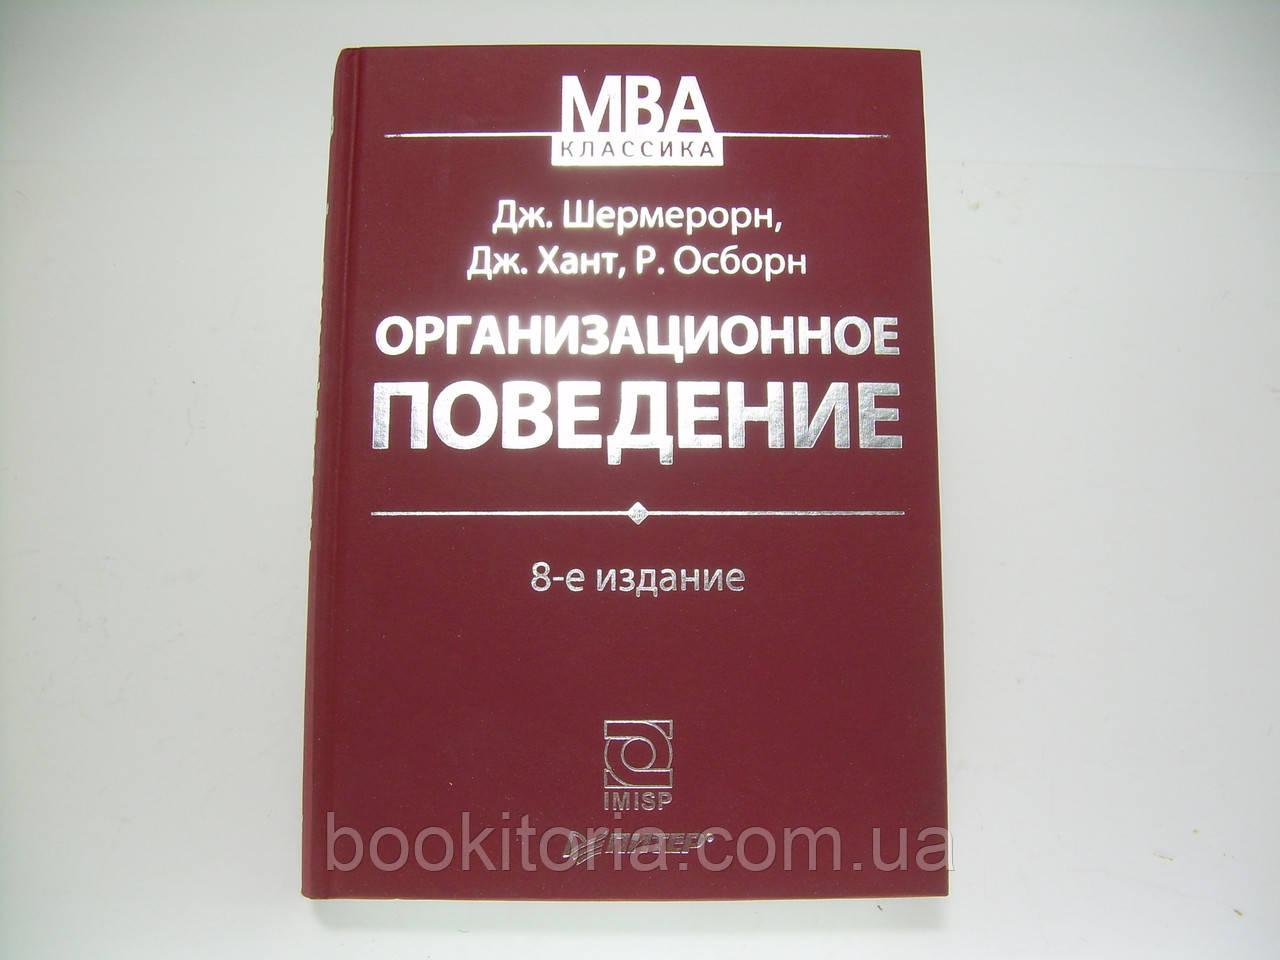 Шермерорн Дж. и др. Организационное поведение (б/у).